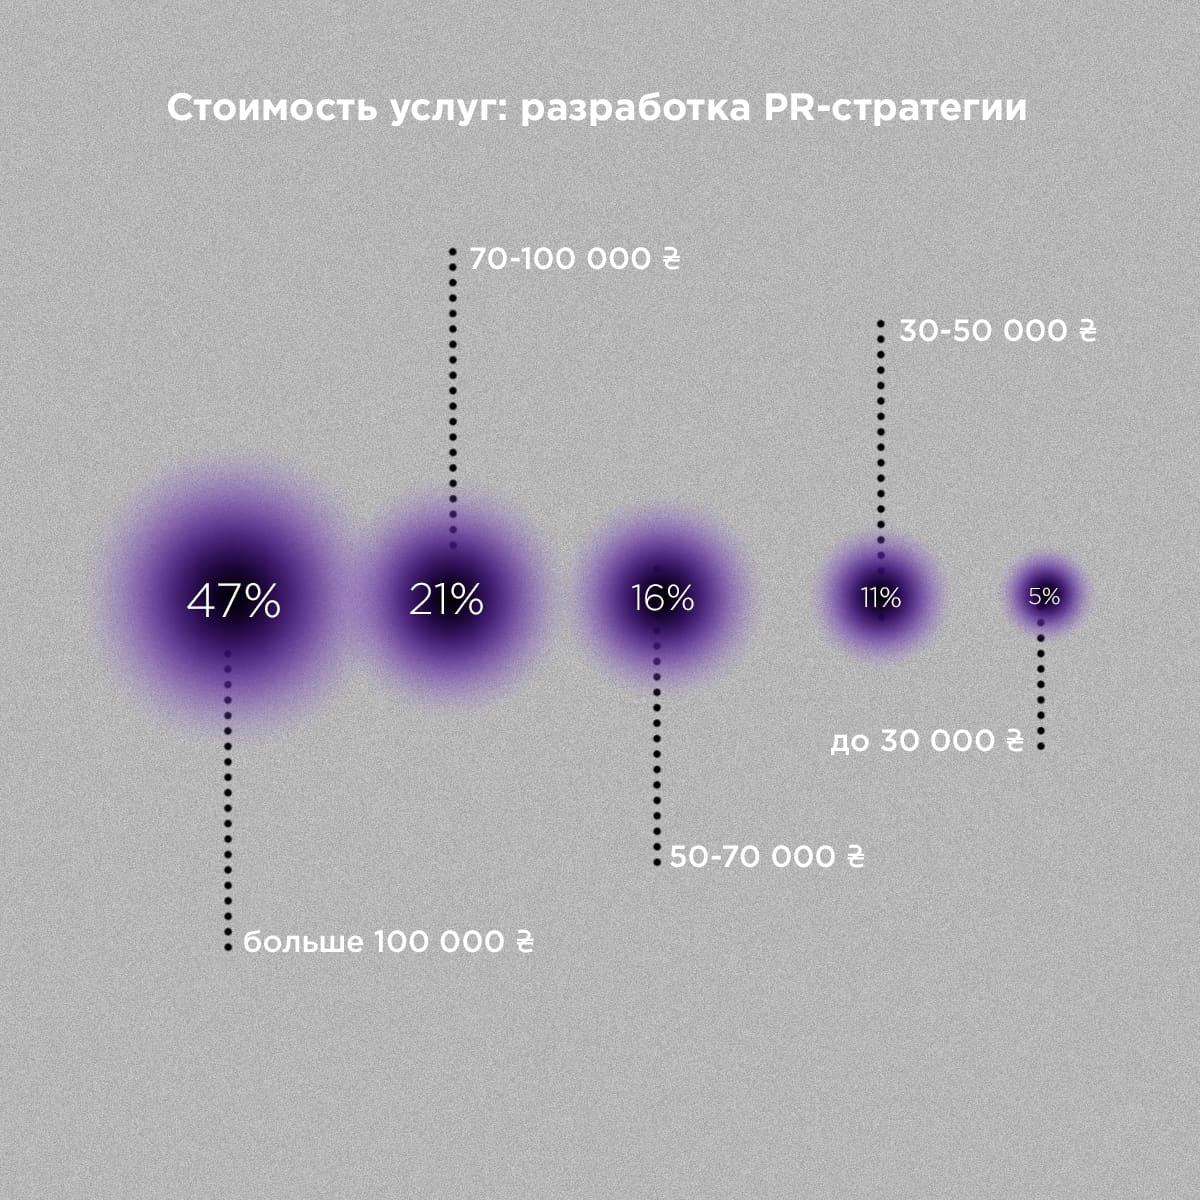 Сколько стоит разработка пиар-стратегии